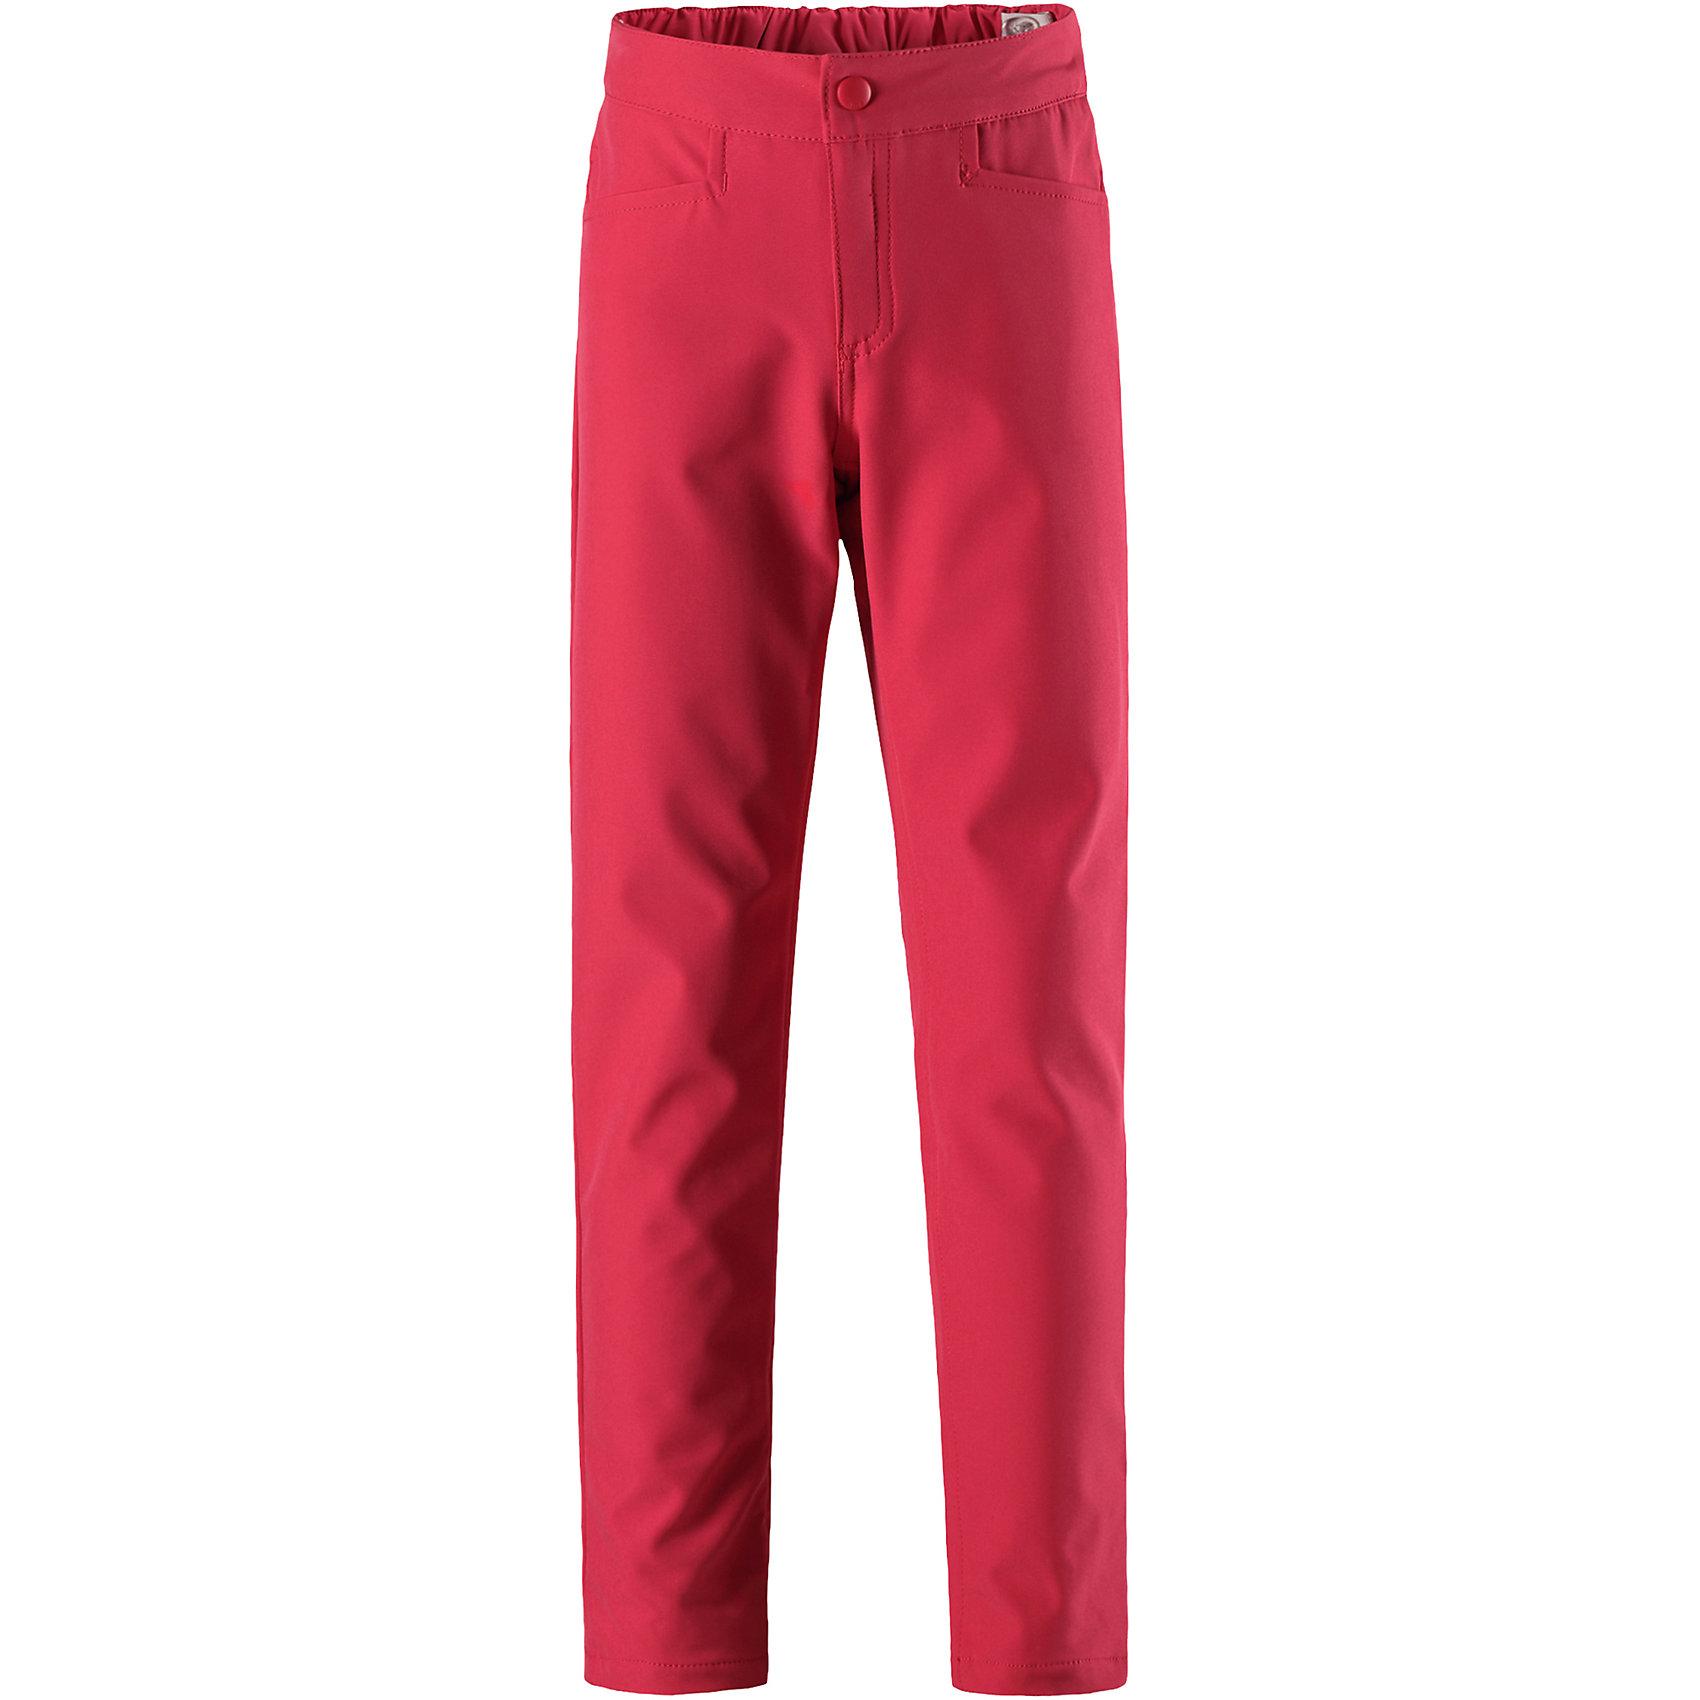 Брюки для девочки ReimaХарактеристики товара:<br><br>• цвет: розовый<br>• состав: 96% полиэстер, 4% эластан, полиуретановое покрытие<br>• потайной карман для датчика ReimaGO®<br>• водонепроницаемый материал<br>• ветронепроницаемый, дышащий материал<br>• ширинка на молнии<br>• регулируемый обхват талии<br>• зауженная модель<br>• два боковых кармана<br>• комфортная посадка<br>• страна производства: Китай<br>• страна бренда: Финляндия<br>• коллекция: весна-лето 2017<br><br>Одежда для детей может быть модной и комфортной одновременно! Удобные брюки помогут обеспечить ребенку комфорт и тепло. Изделие сшито из водонепроницаемого материала. Модель стильно смотрится, отлично сочетается с различным верхом. Стильный дизайн разрабатывался специально для детей.<br><br>Одежда и обувь от финского бренда Reima пользуется популярностью во многих странах. Эти изделия стильные, качественные и удобные. Для производства продукции используются только безопасные, проверенные материалы и фурнитура. Порадуйте ребенка модными и красивыми вещами от Reima! <br><br>Брюки для девочки от финского бренда Reima (Рейма) можно купить в нашем интернет-магазине.<br><br>Ширина мм: 215<br>Глубина мм: 88<br>Высота мм: 191<br>Вес г: 336<br>Цвет: розовый<br>Возраст от месяцев: 108<br>Возраст до месяцев: 120<br>Пол: Женский<br>Возраст: Детский<br>Размер: 140,146,128,104,110,116,122,152,158,164,134<br>SKU: 5267509